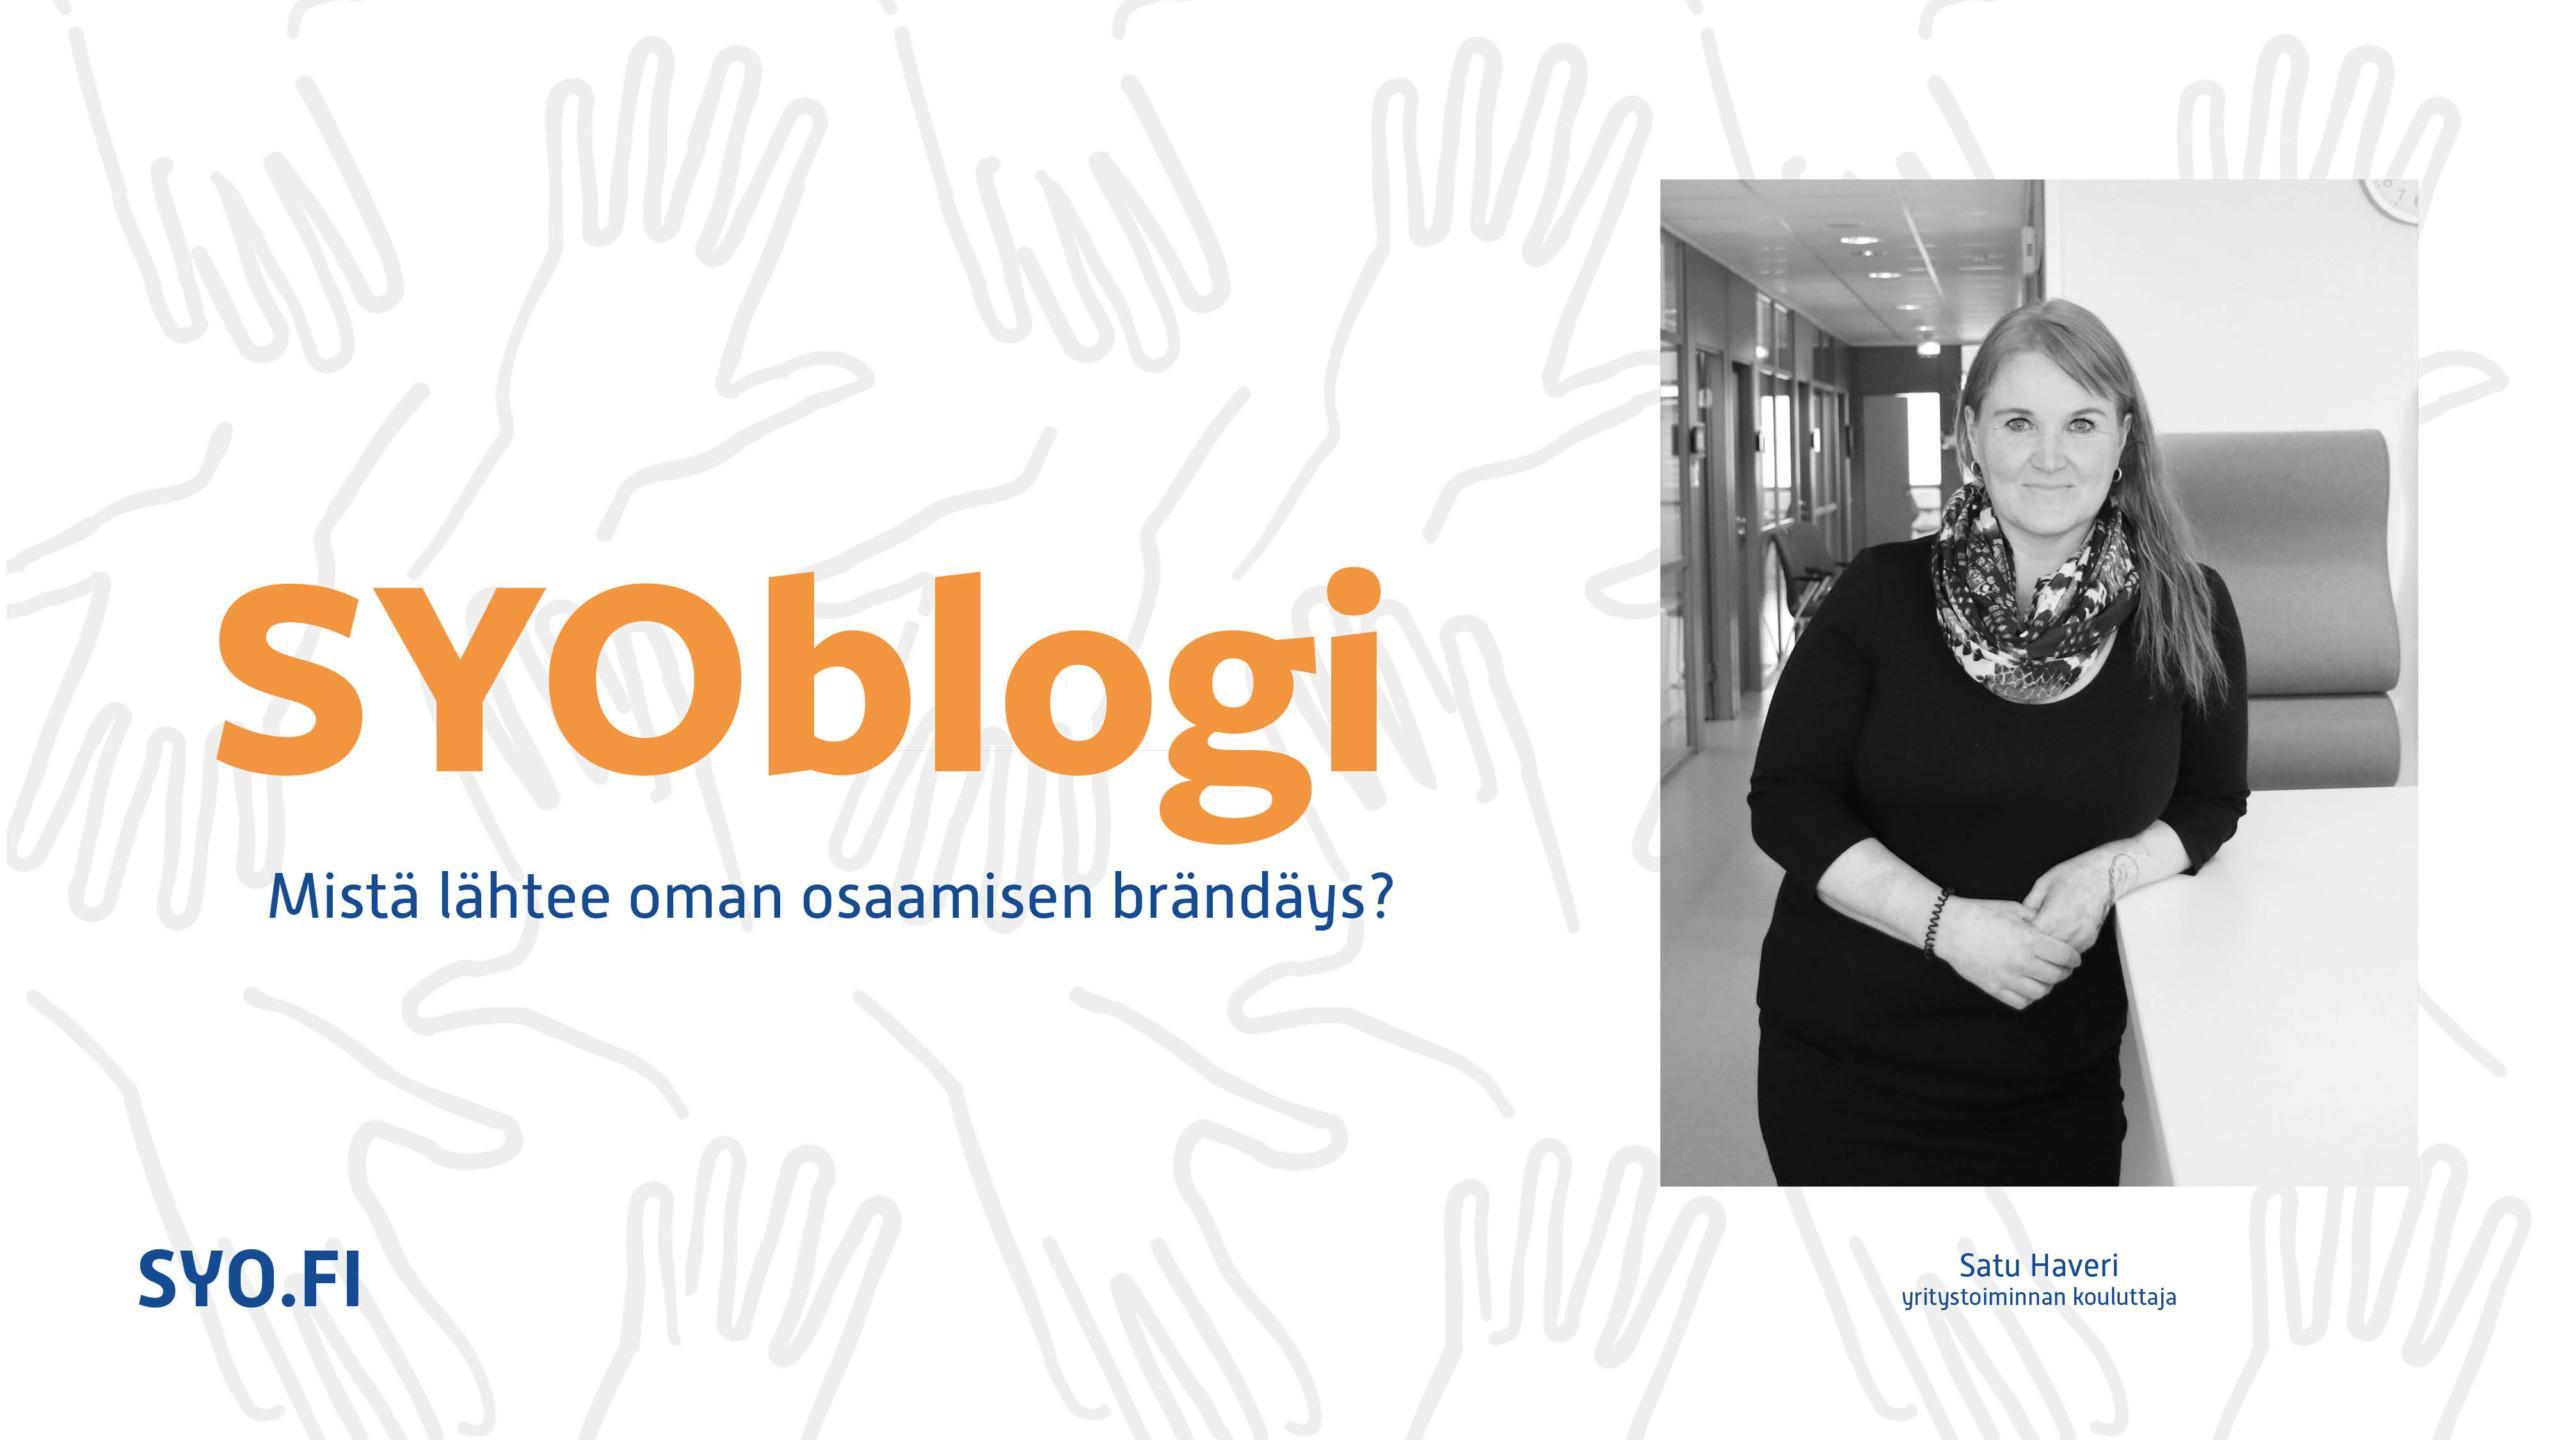 SYOblogi, Mistä lähtee oman osaamisen brändäys? Satu Haveri.